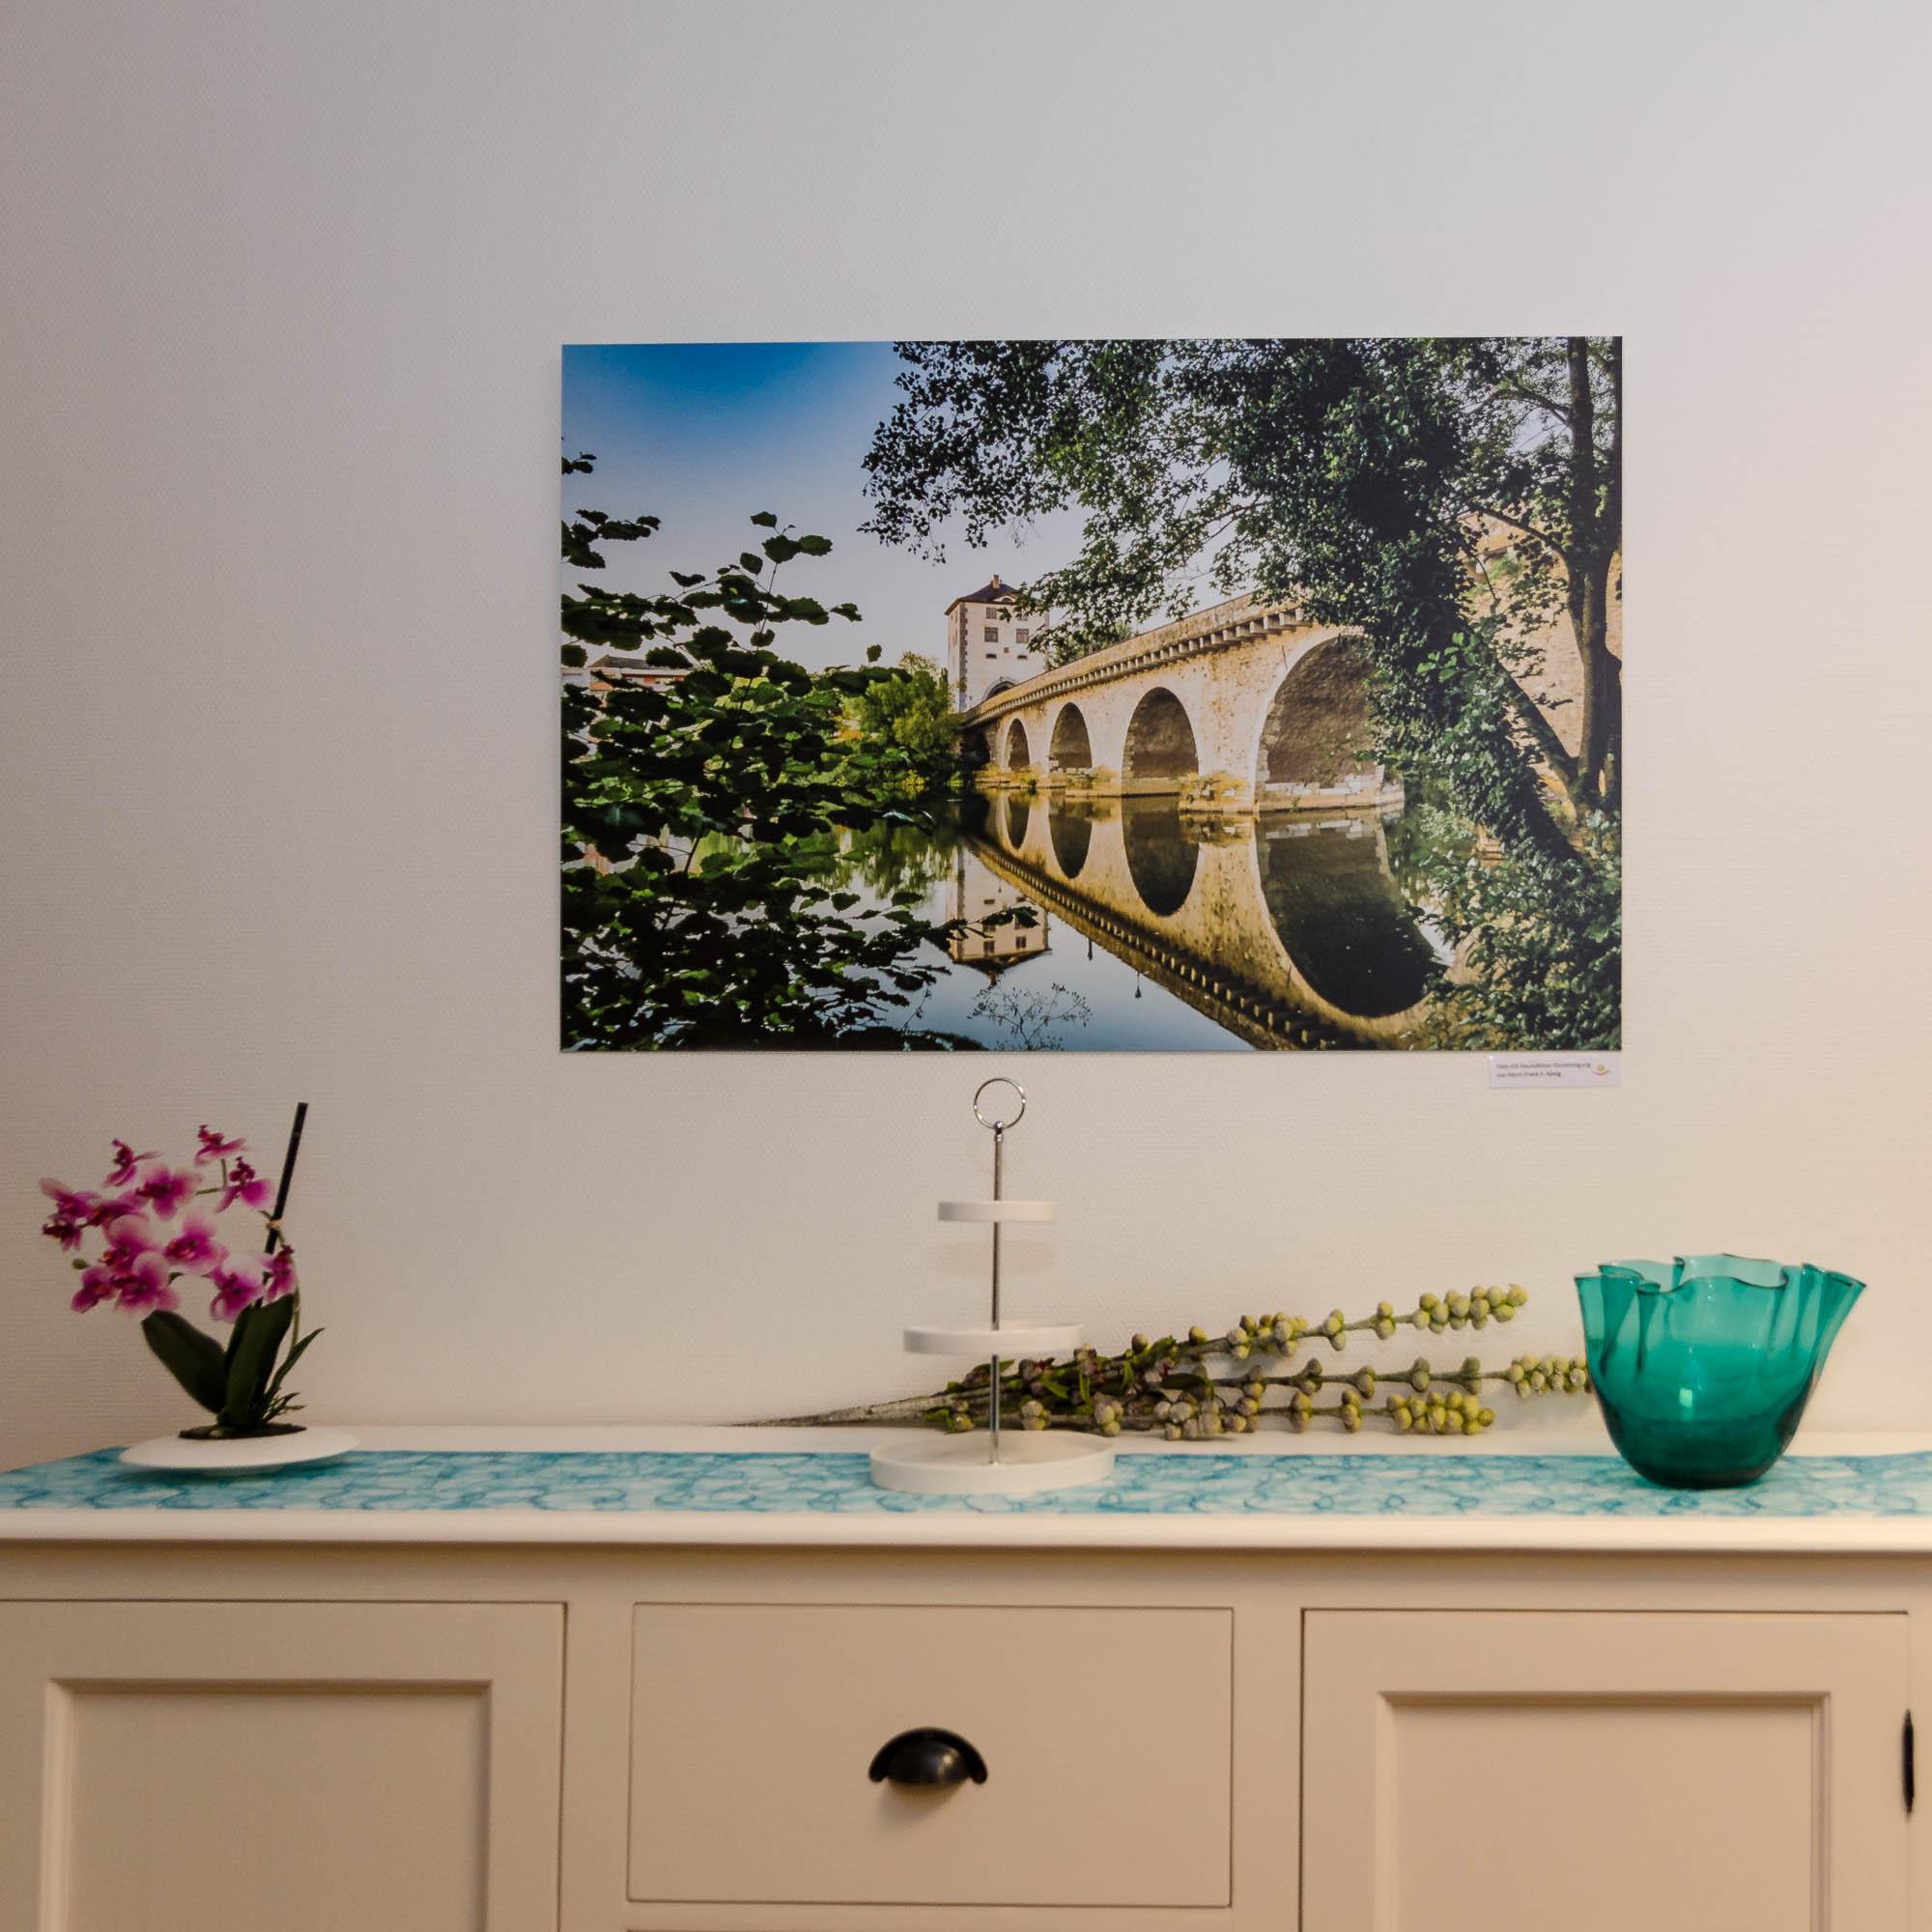 Bilder für die Wohnstadt Limburg